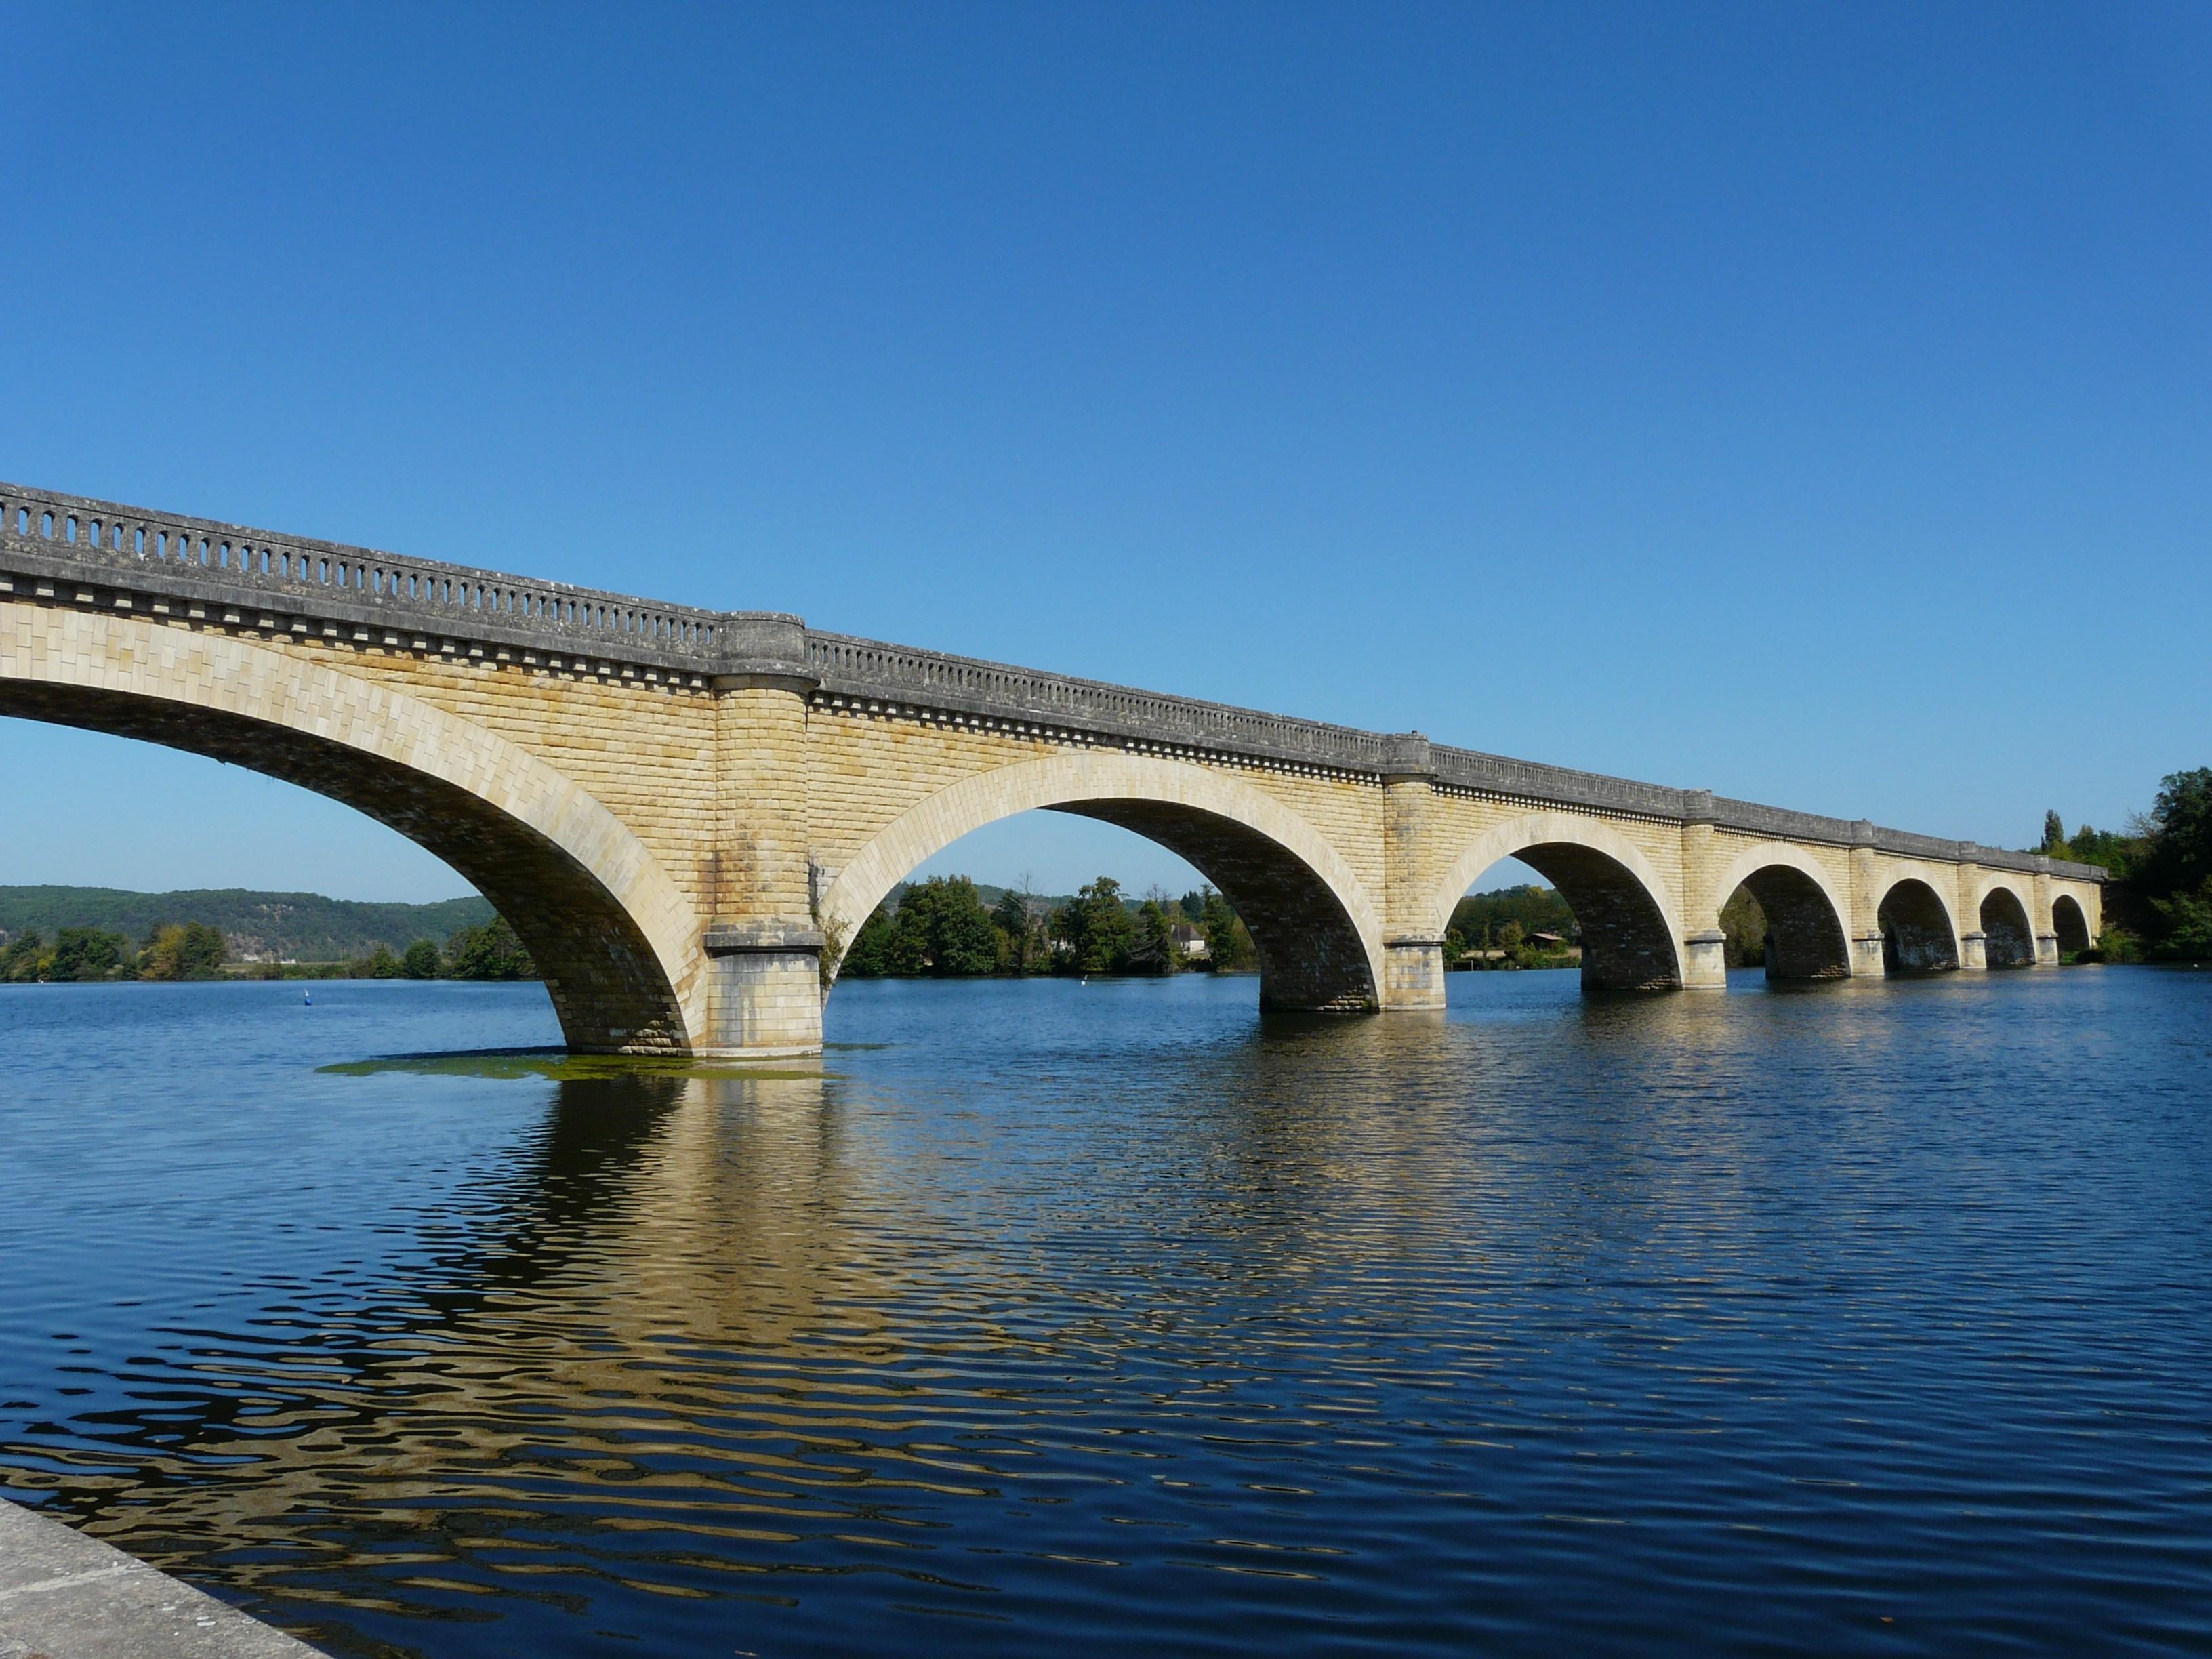 Pont d finition c 39 est quoi - C est quoi un pont thermique ...